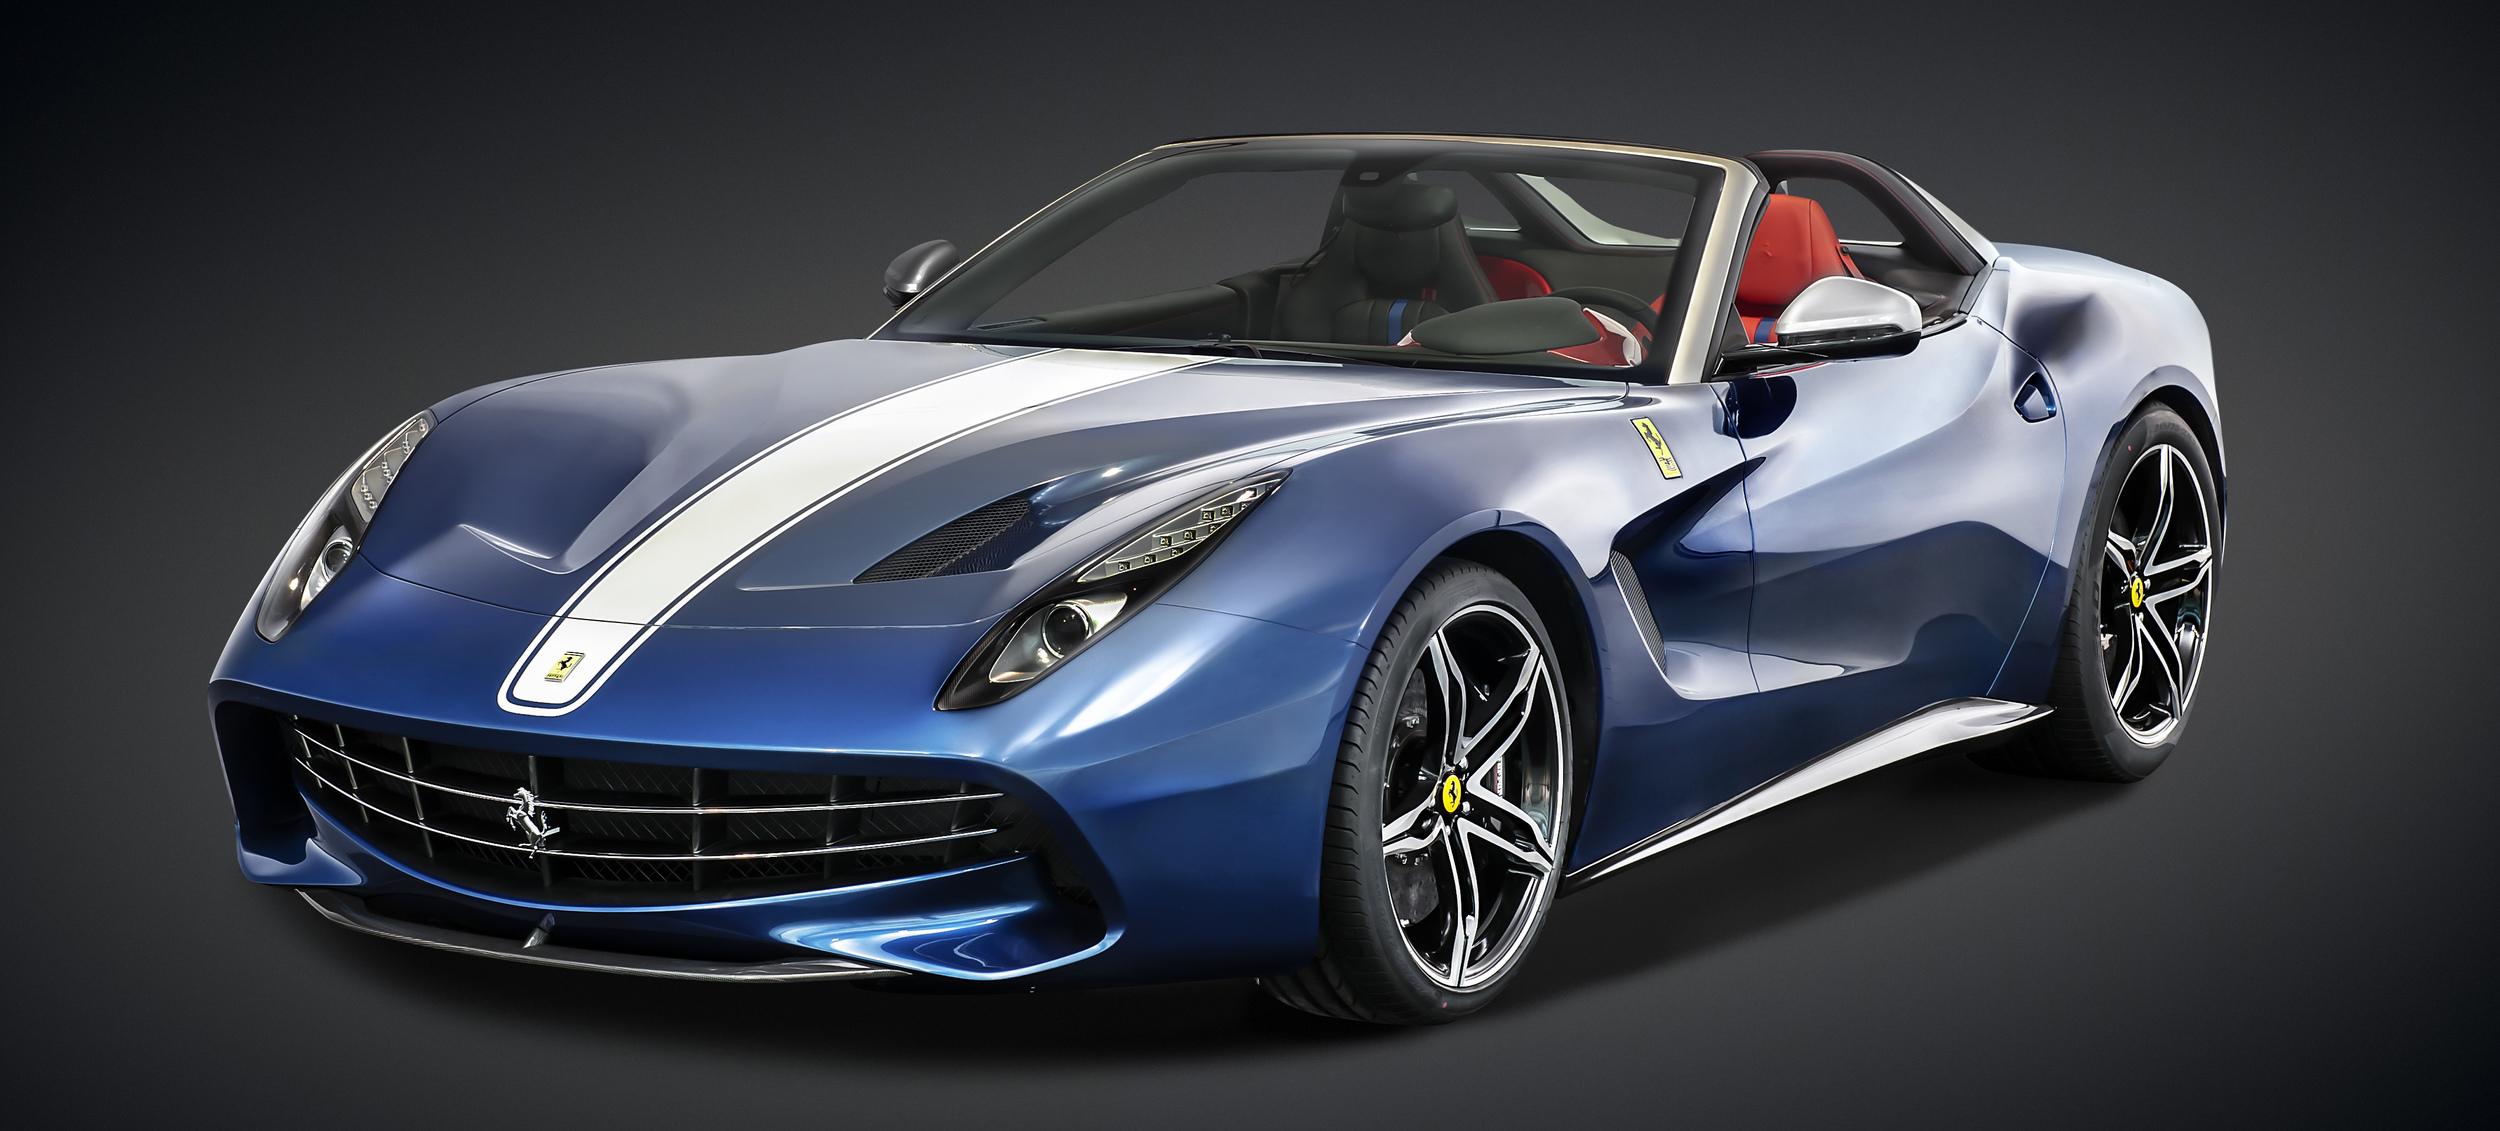 Ferrari F60 America 2014 01